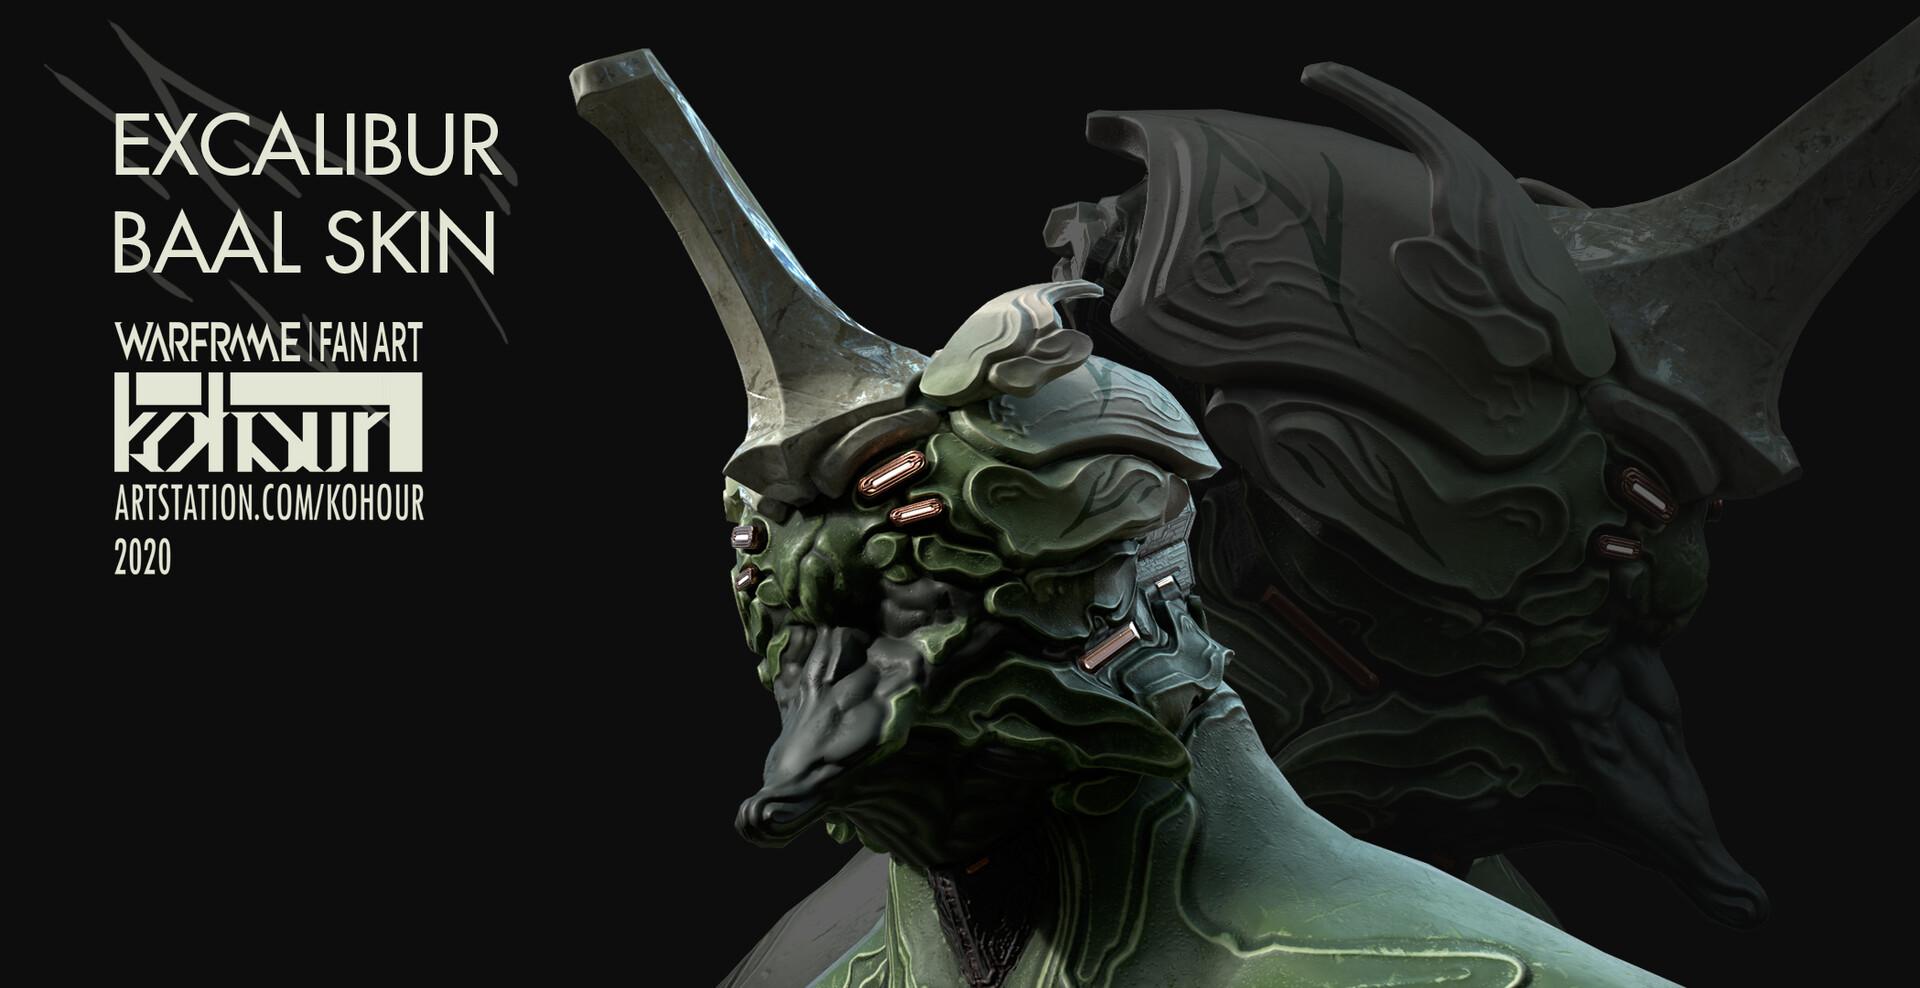 kohour-_-poster-helm.jpg?1598113803